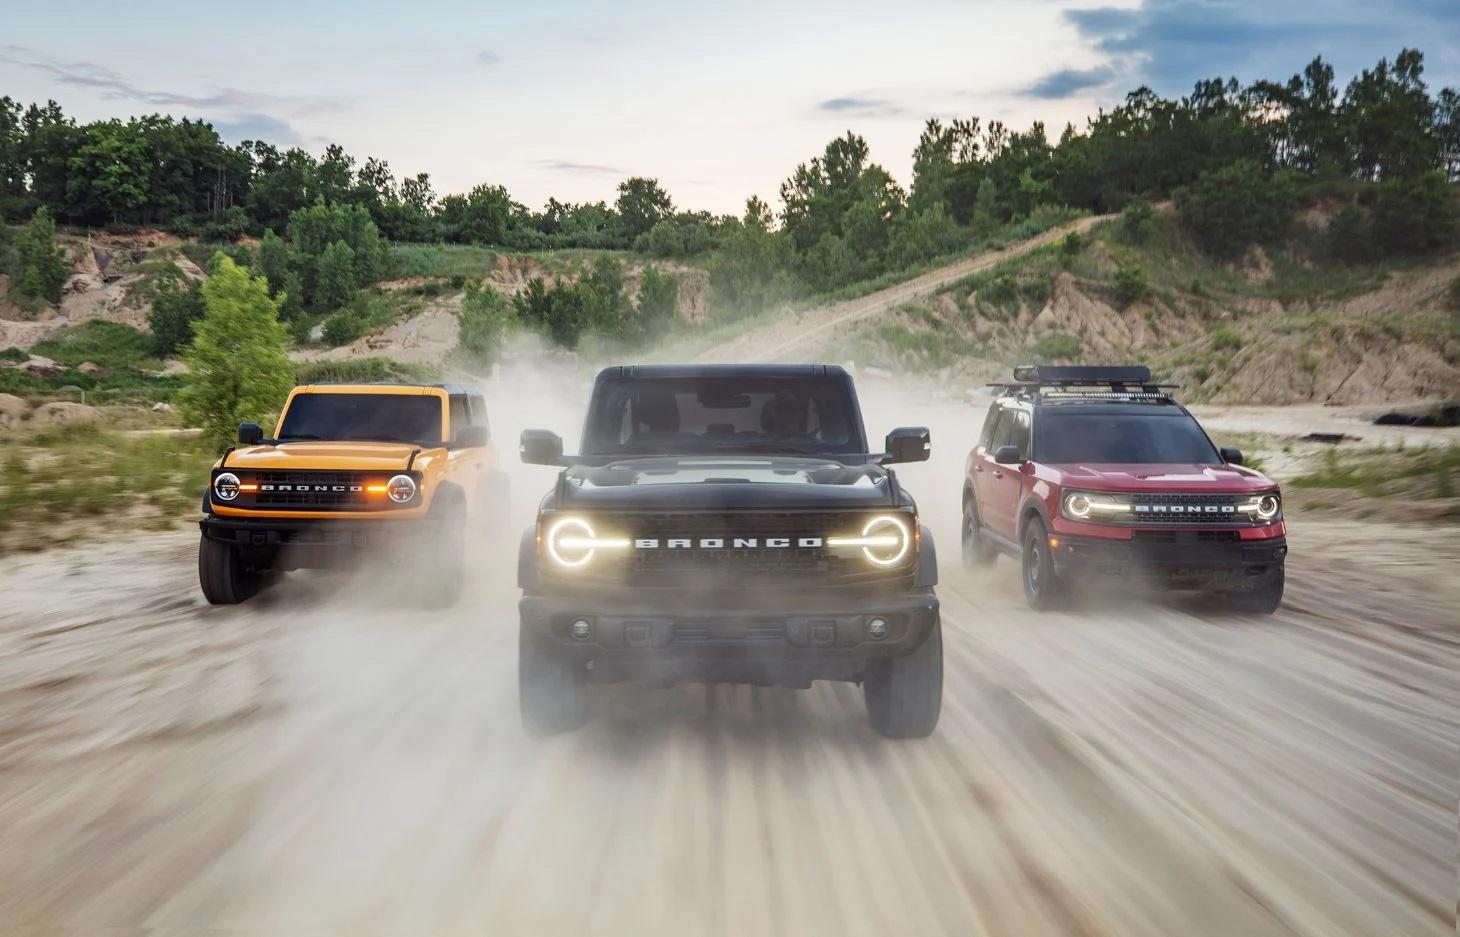 Novo Ford Bronco: um dos principais lançamentos globais da marca em 2021 (11.jan